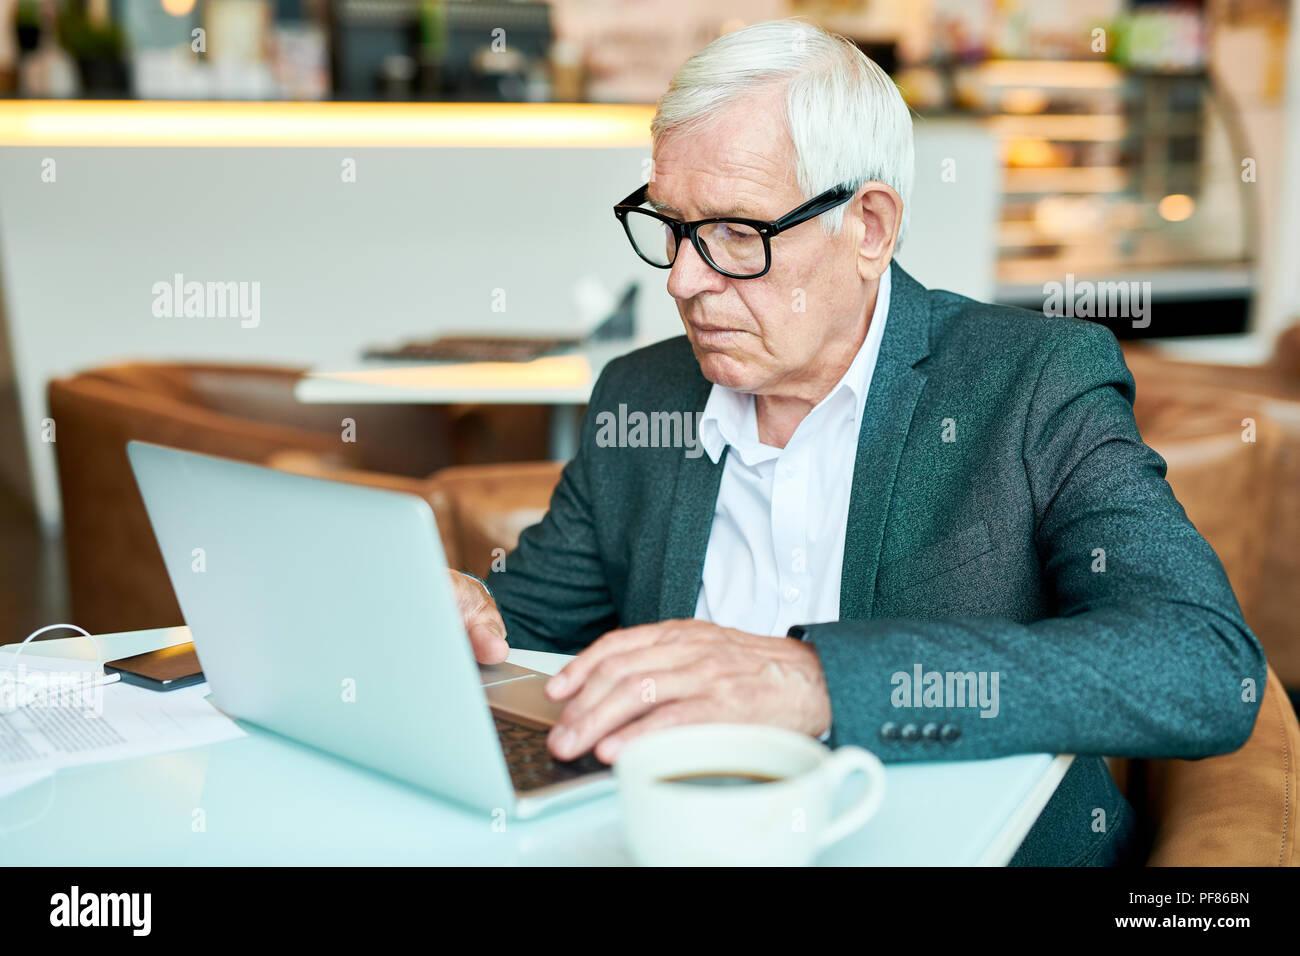 Imprenditore Senior utilizzando laptop in Cafe Immagini Stock